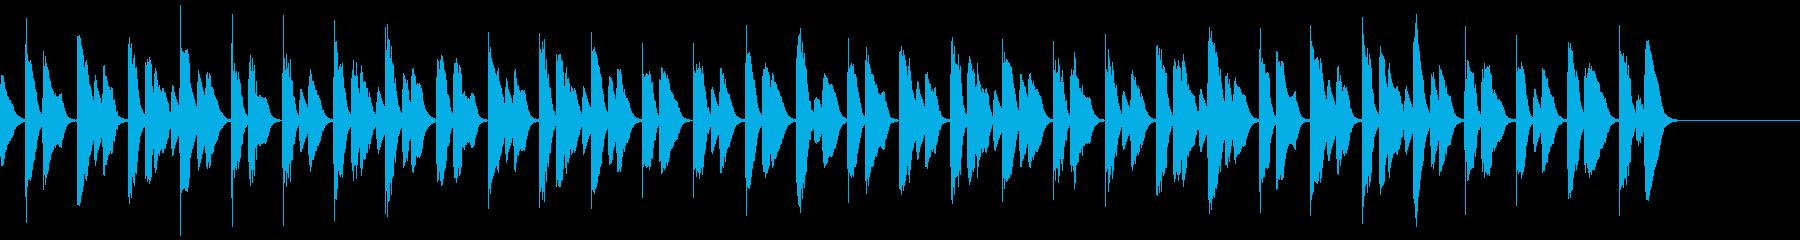 軽やかな30秒ピアノCMの再生済みの波形